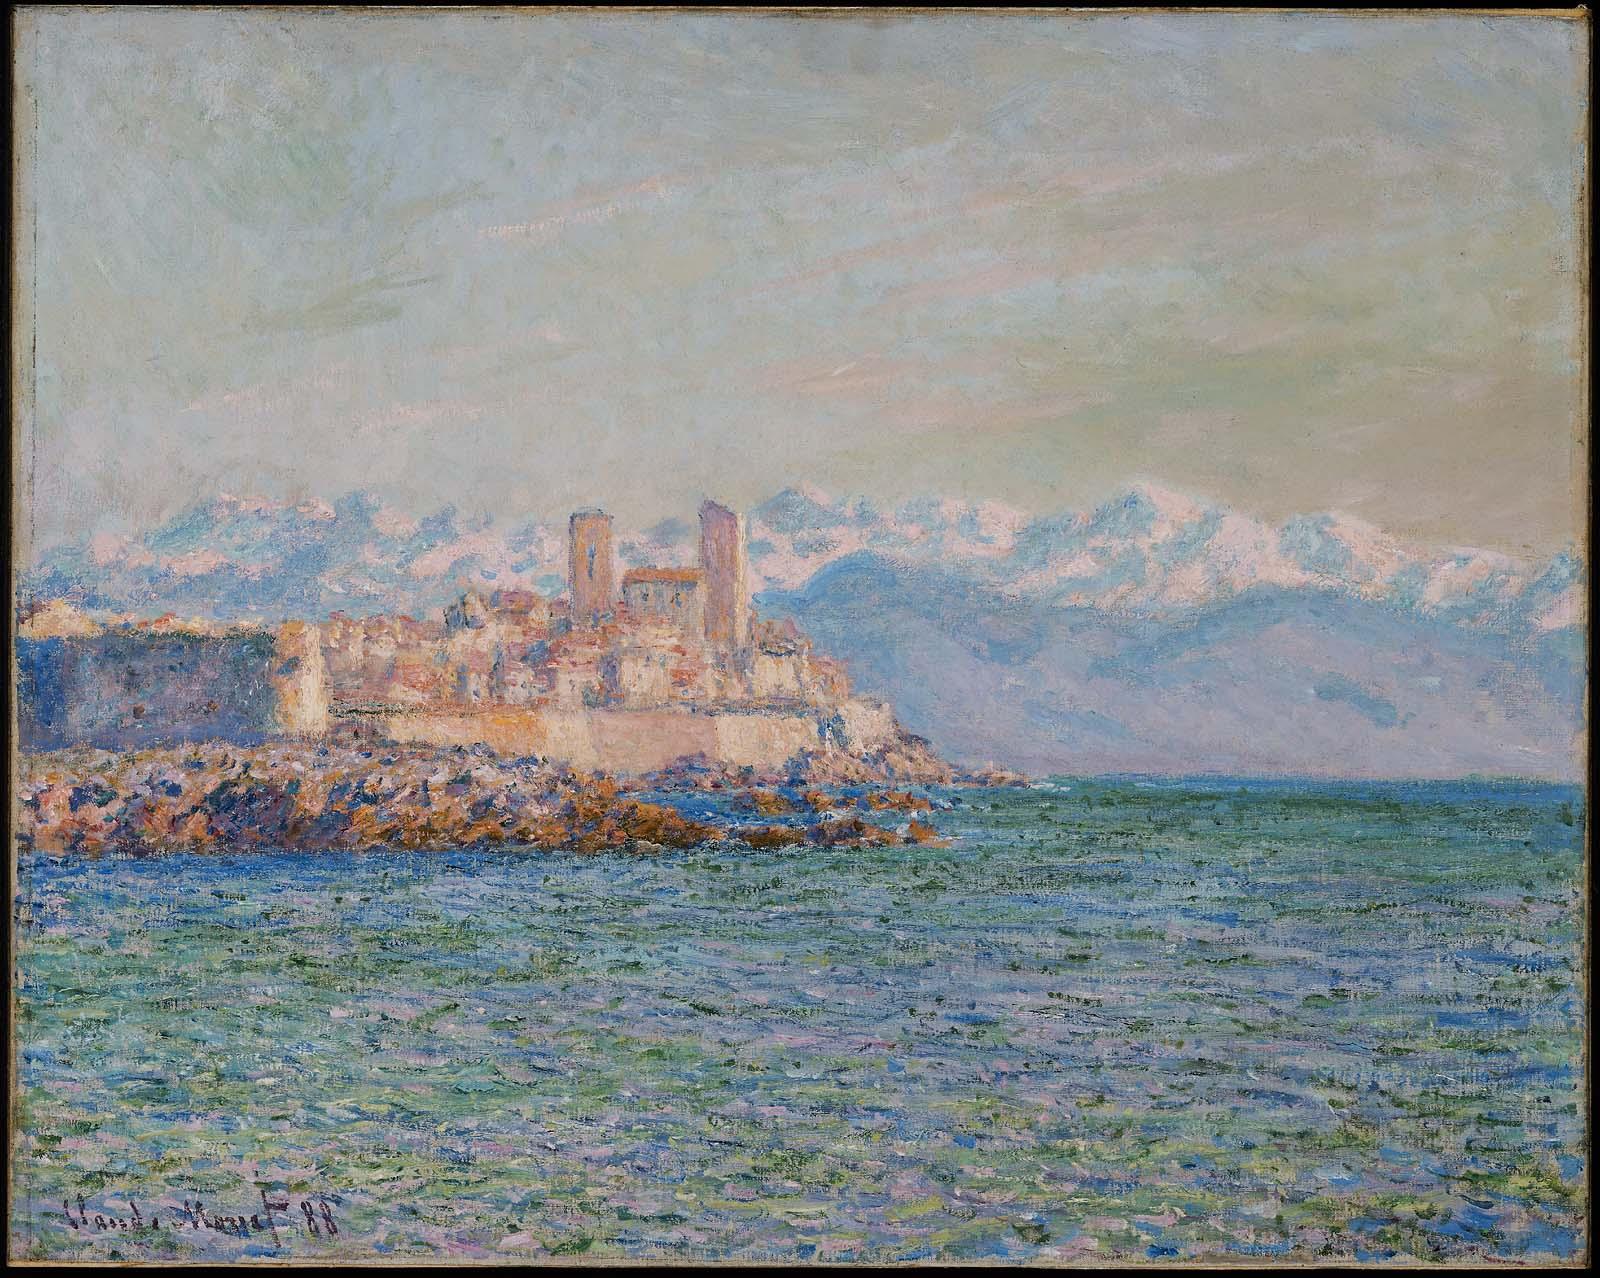 южные пейзажи < Старый форт в Антибе >:: Клод Моне, описание картины - Моне Клод (Claude Monet) фото